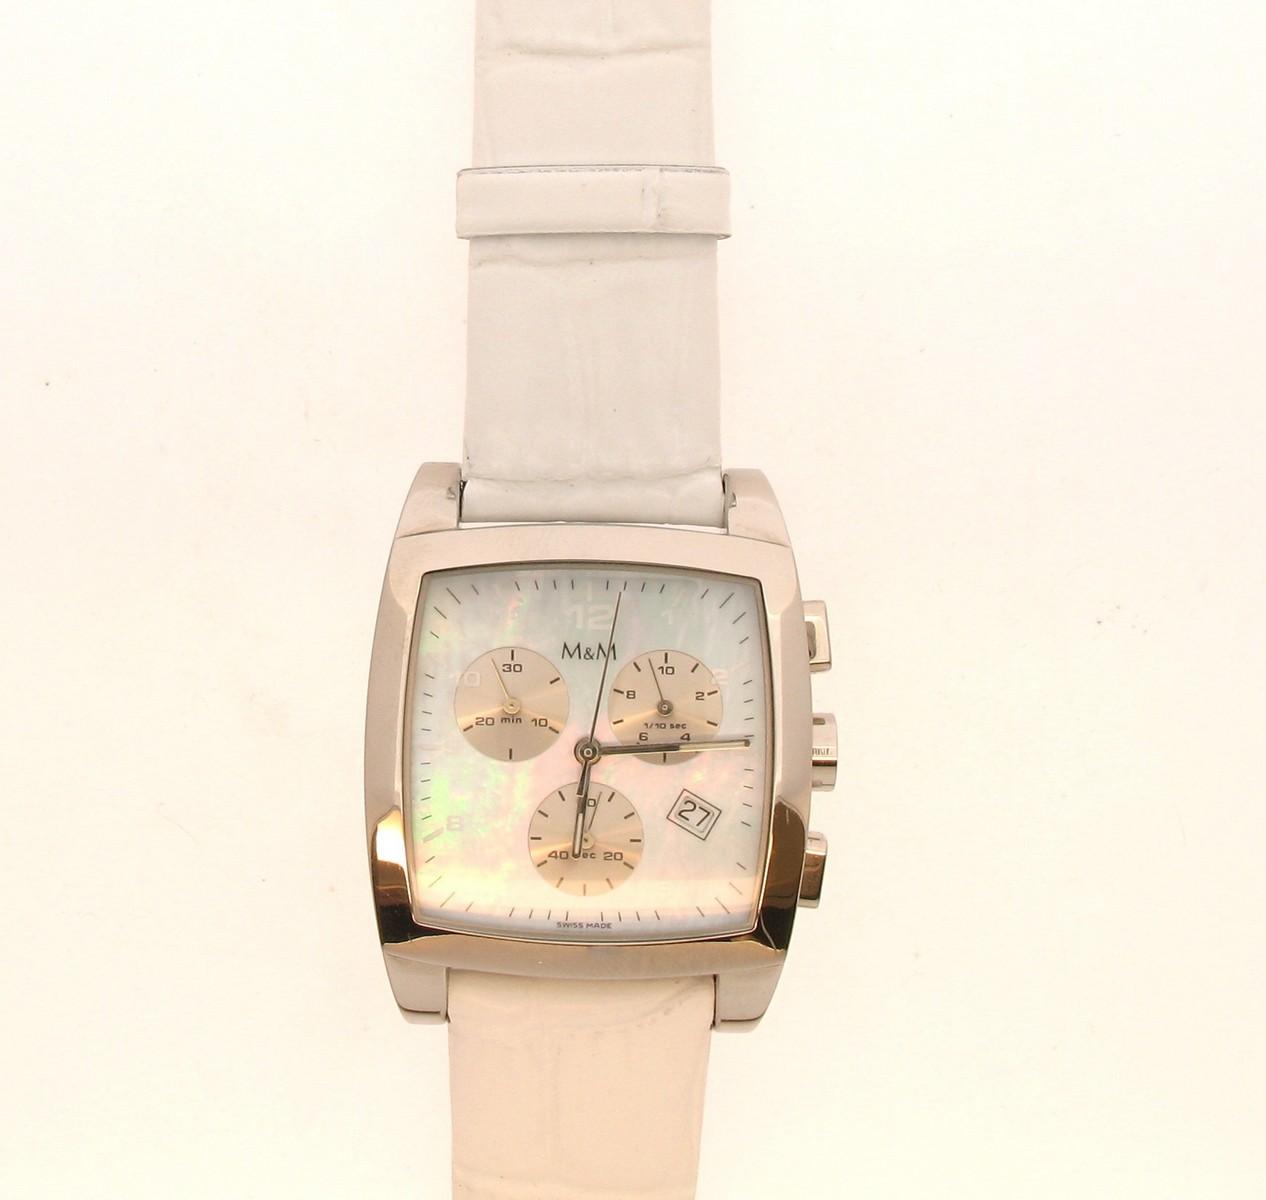 Plum Design Chronograph Quarz - M+M - 5469.42blau